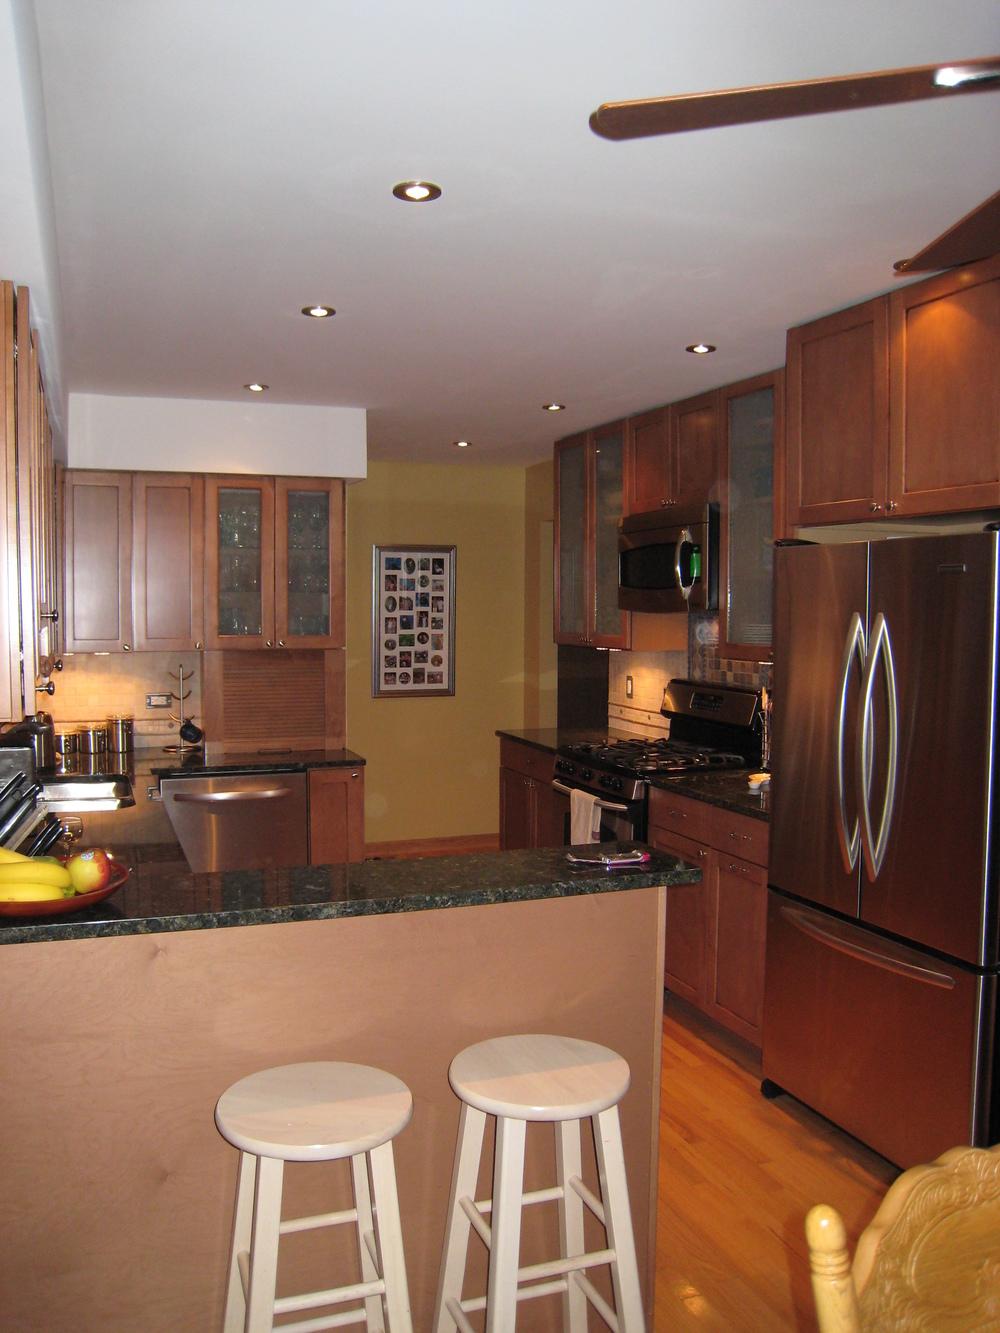 2007 Nov Kitchen Etc 034.JPG